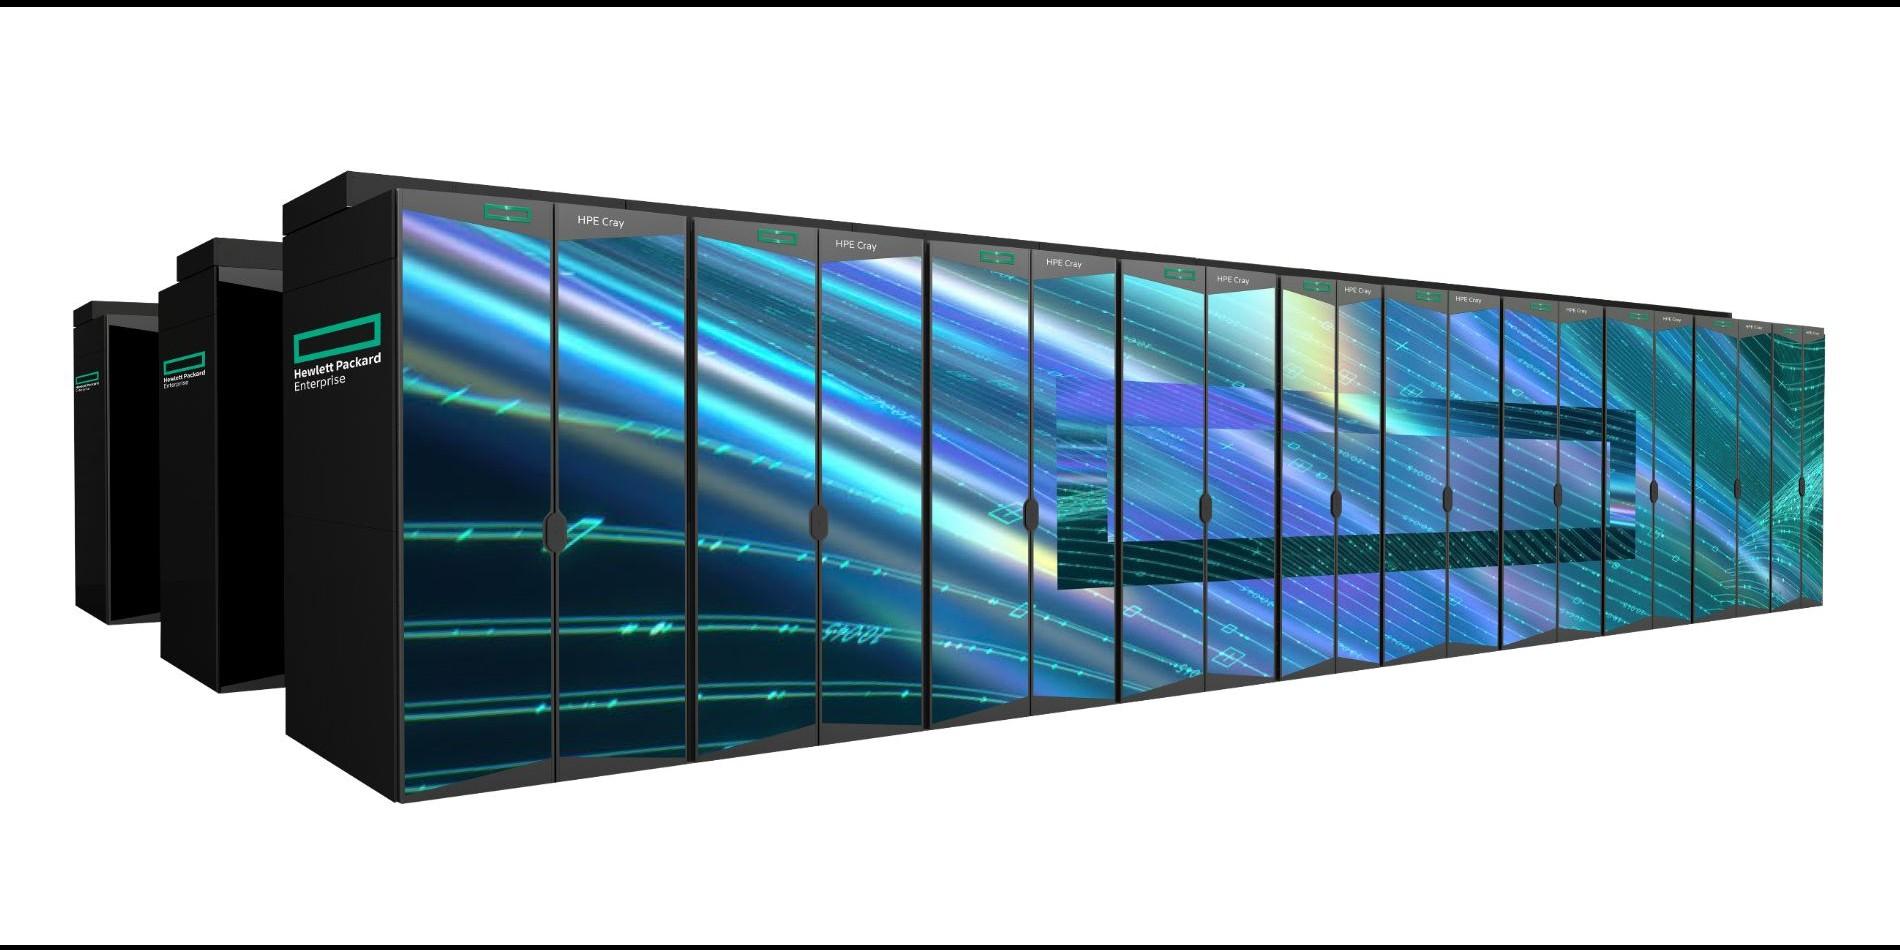 HPE développera le Supercomputer le plus puissant au monde